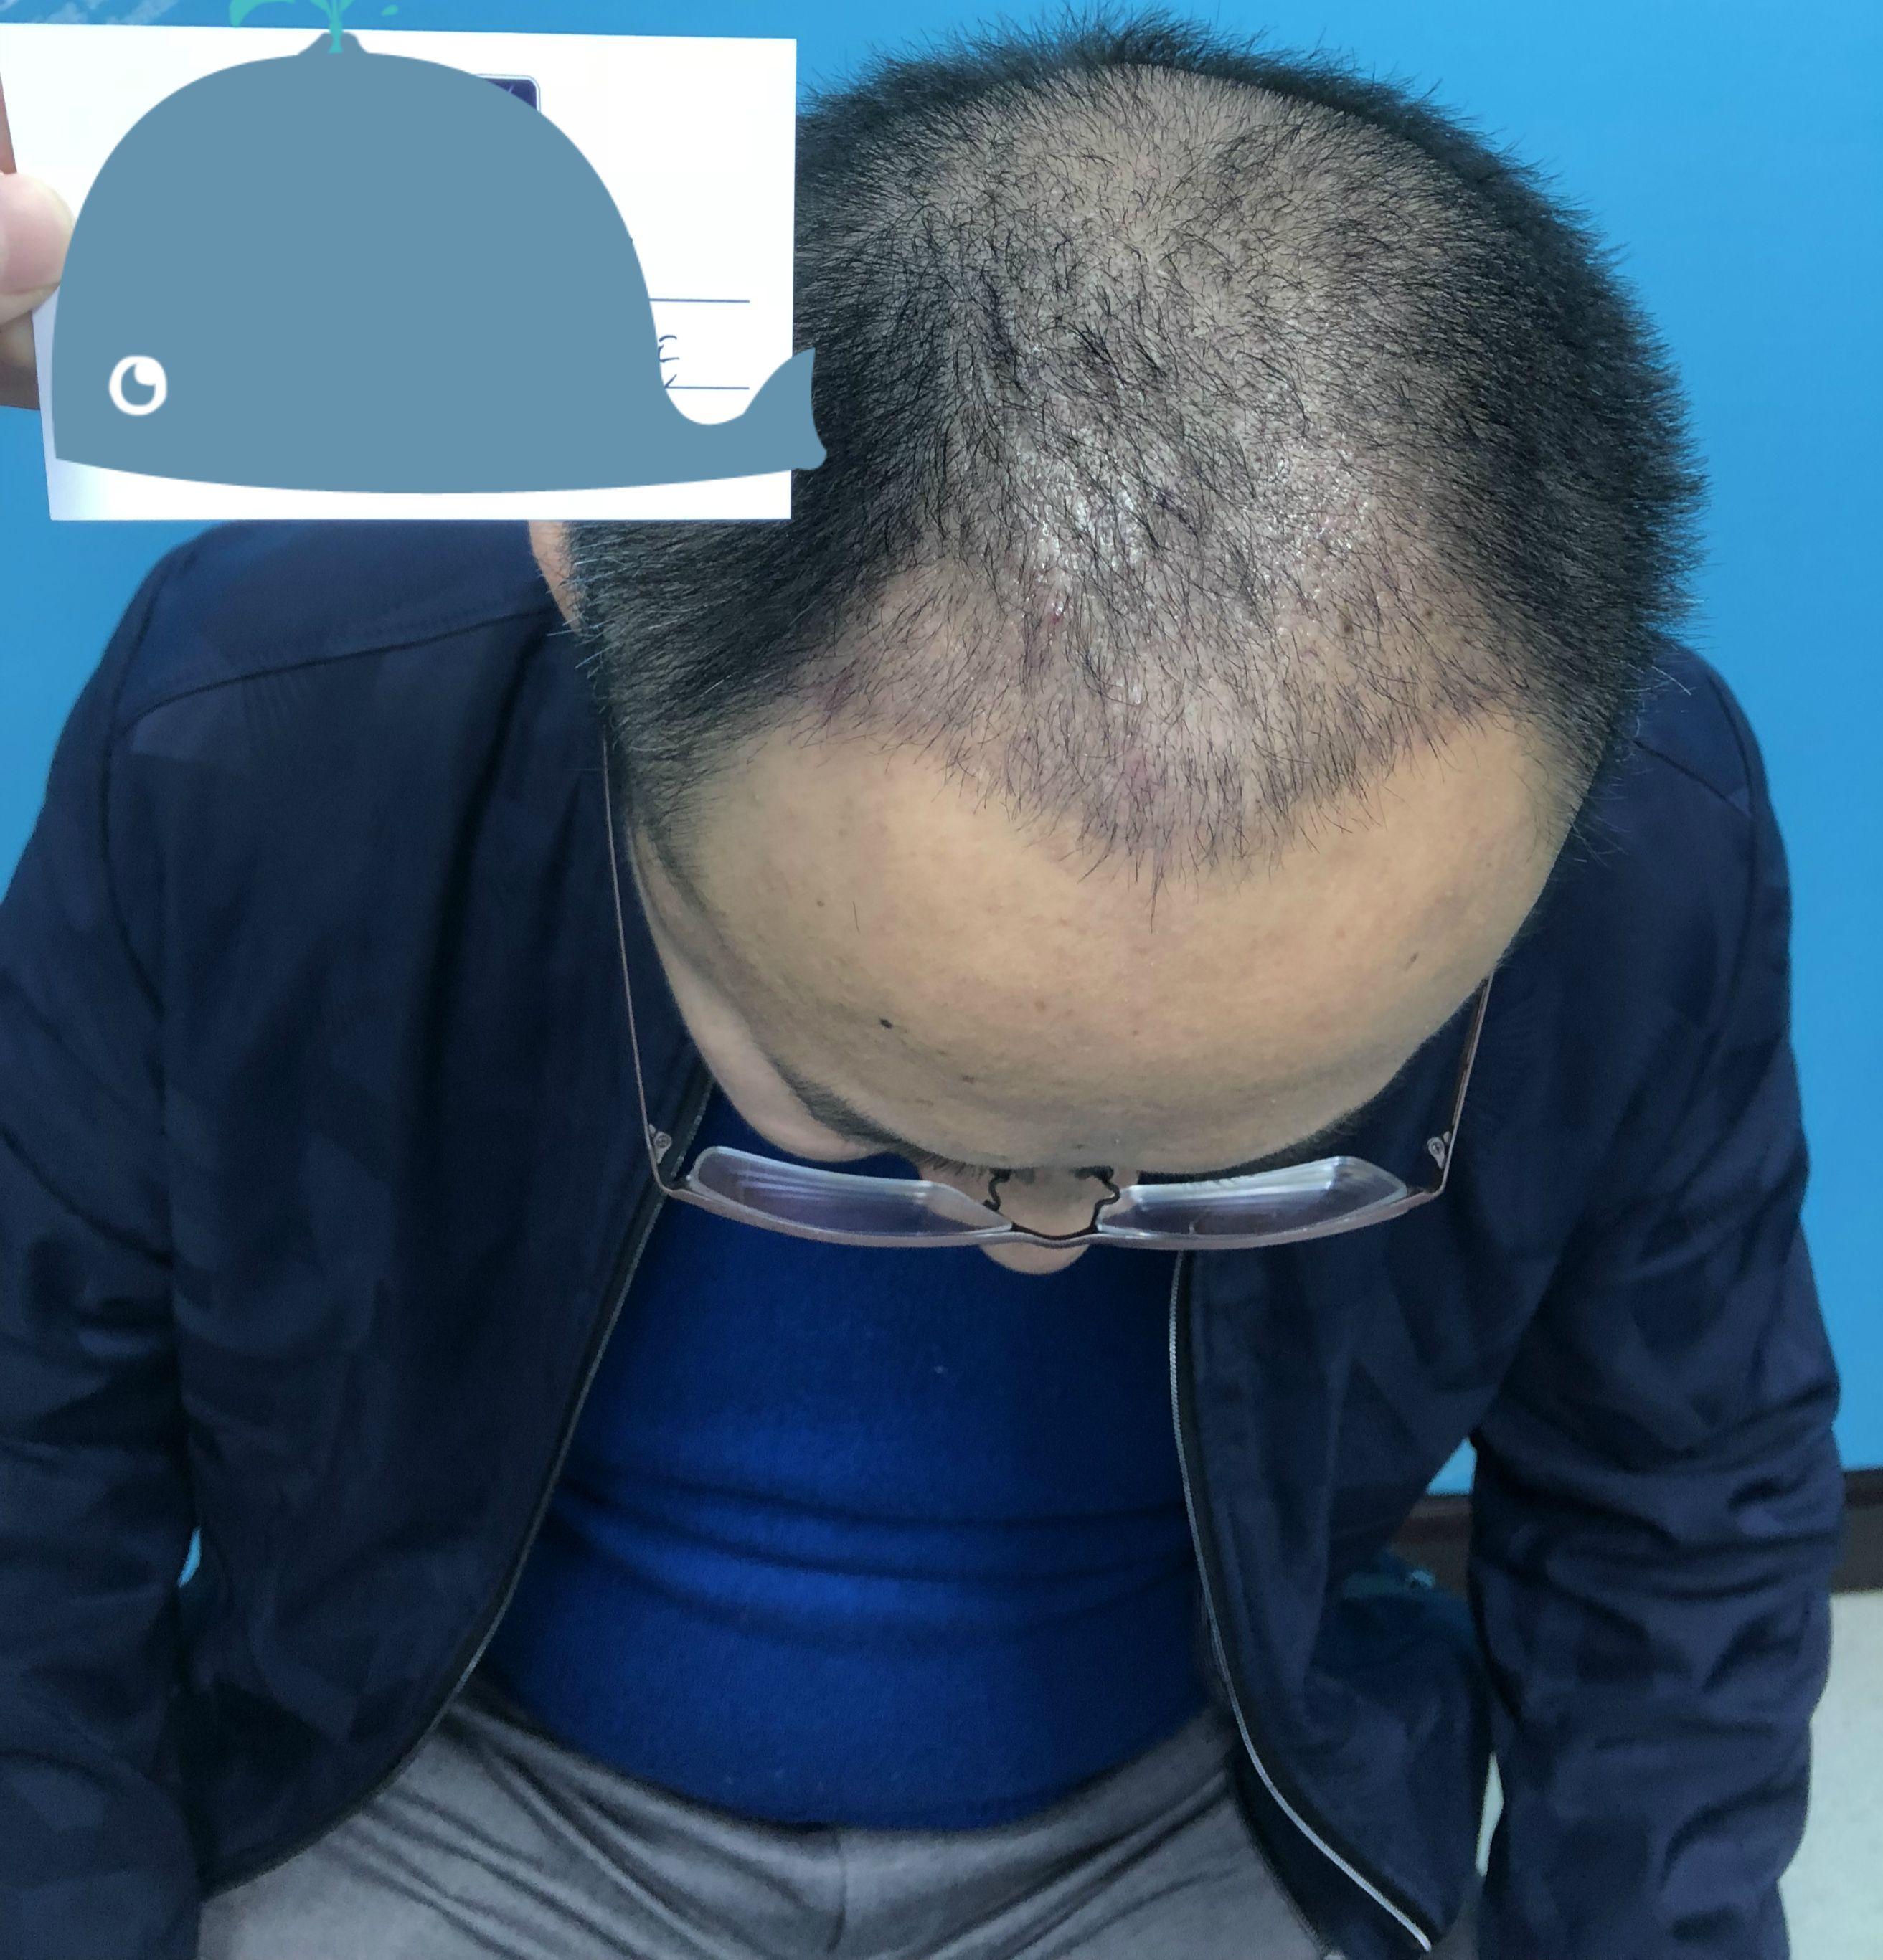 一个月了,头发长势喜人。明晃晃了很多年的脑门终于被头发盖住了。我看有些朋友问会不会影响生活,不会的。当天做完植发手术我就回家了,第二天照常工作,说完全没有肿胀期也是骗人的,麻药过了头上会有点胀胀的感觉,但是并没有到影响正常生活的地步,所以说是0恢复期。